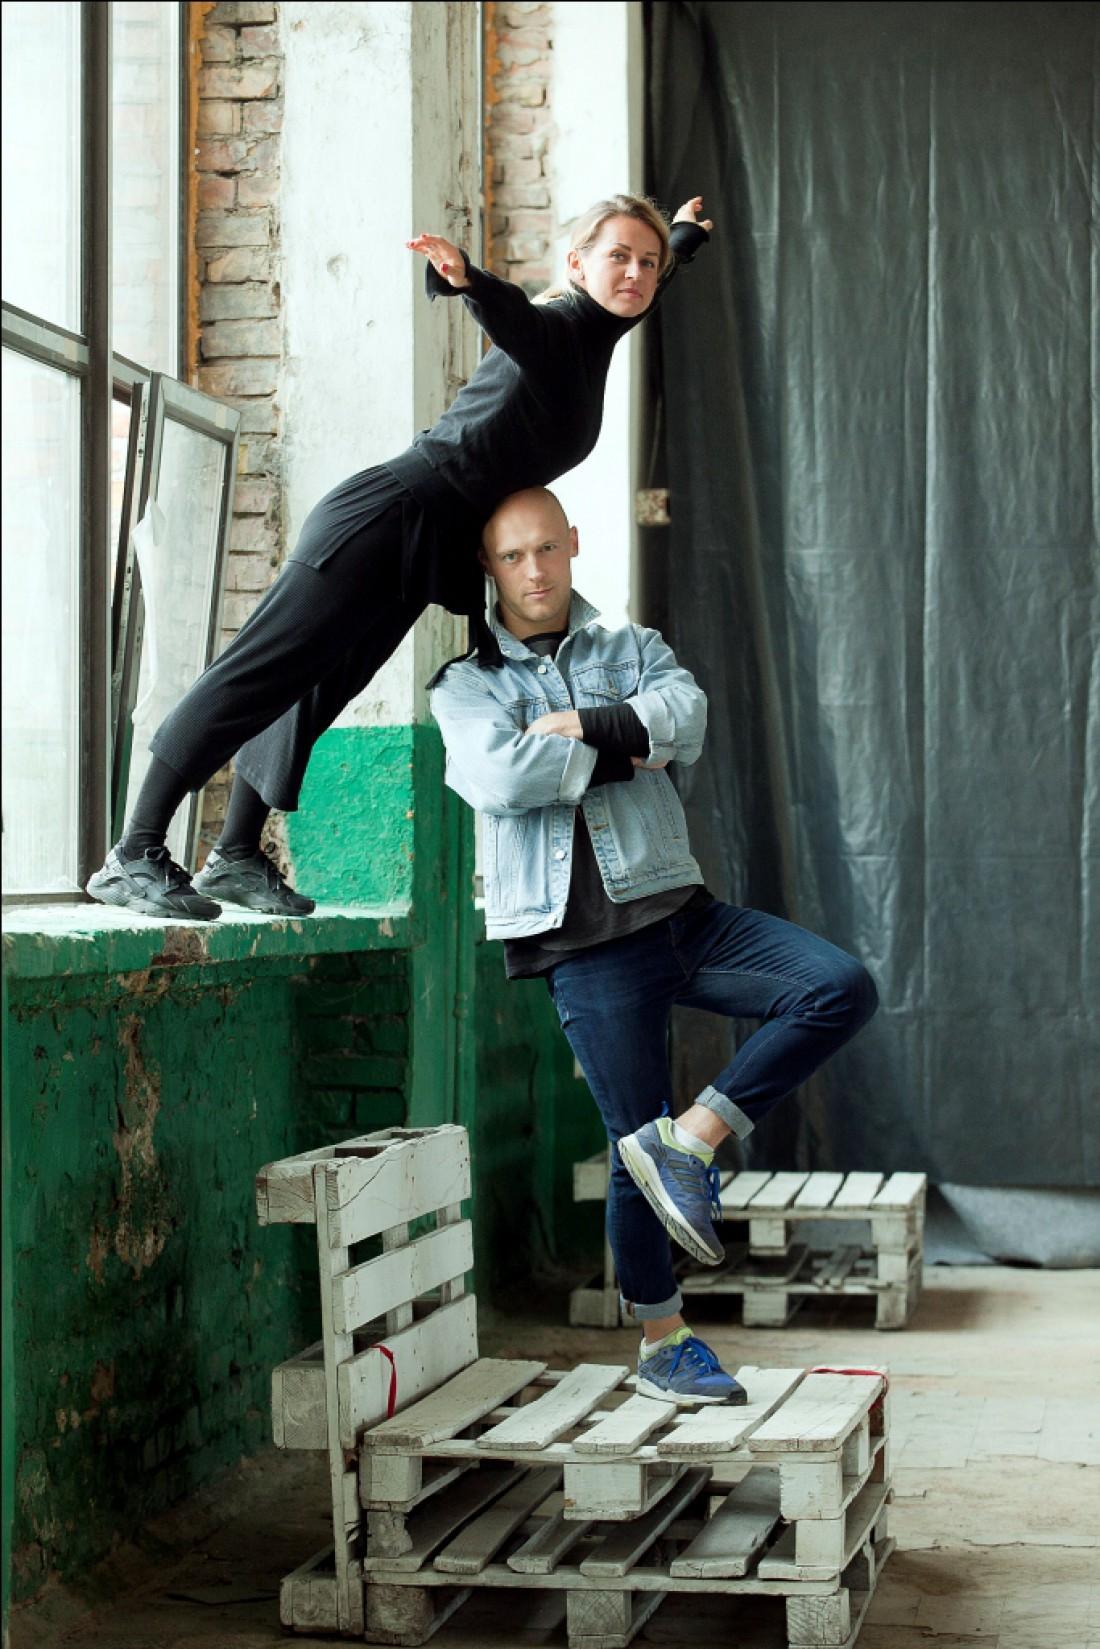 Урбанистический театр танца Low Air из Литвы